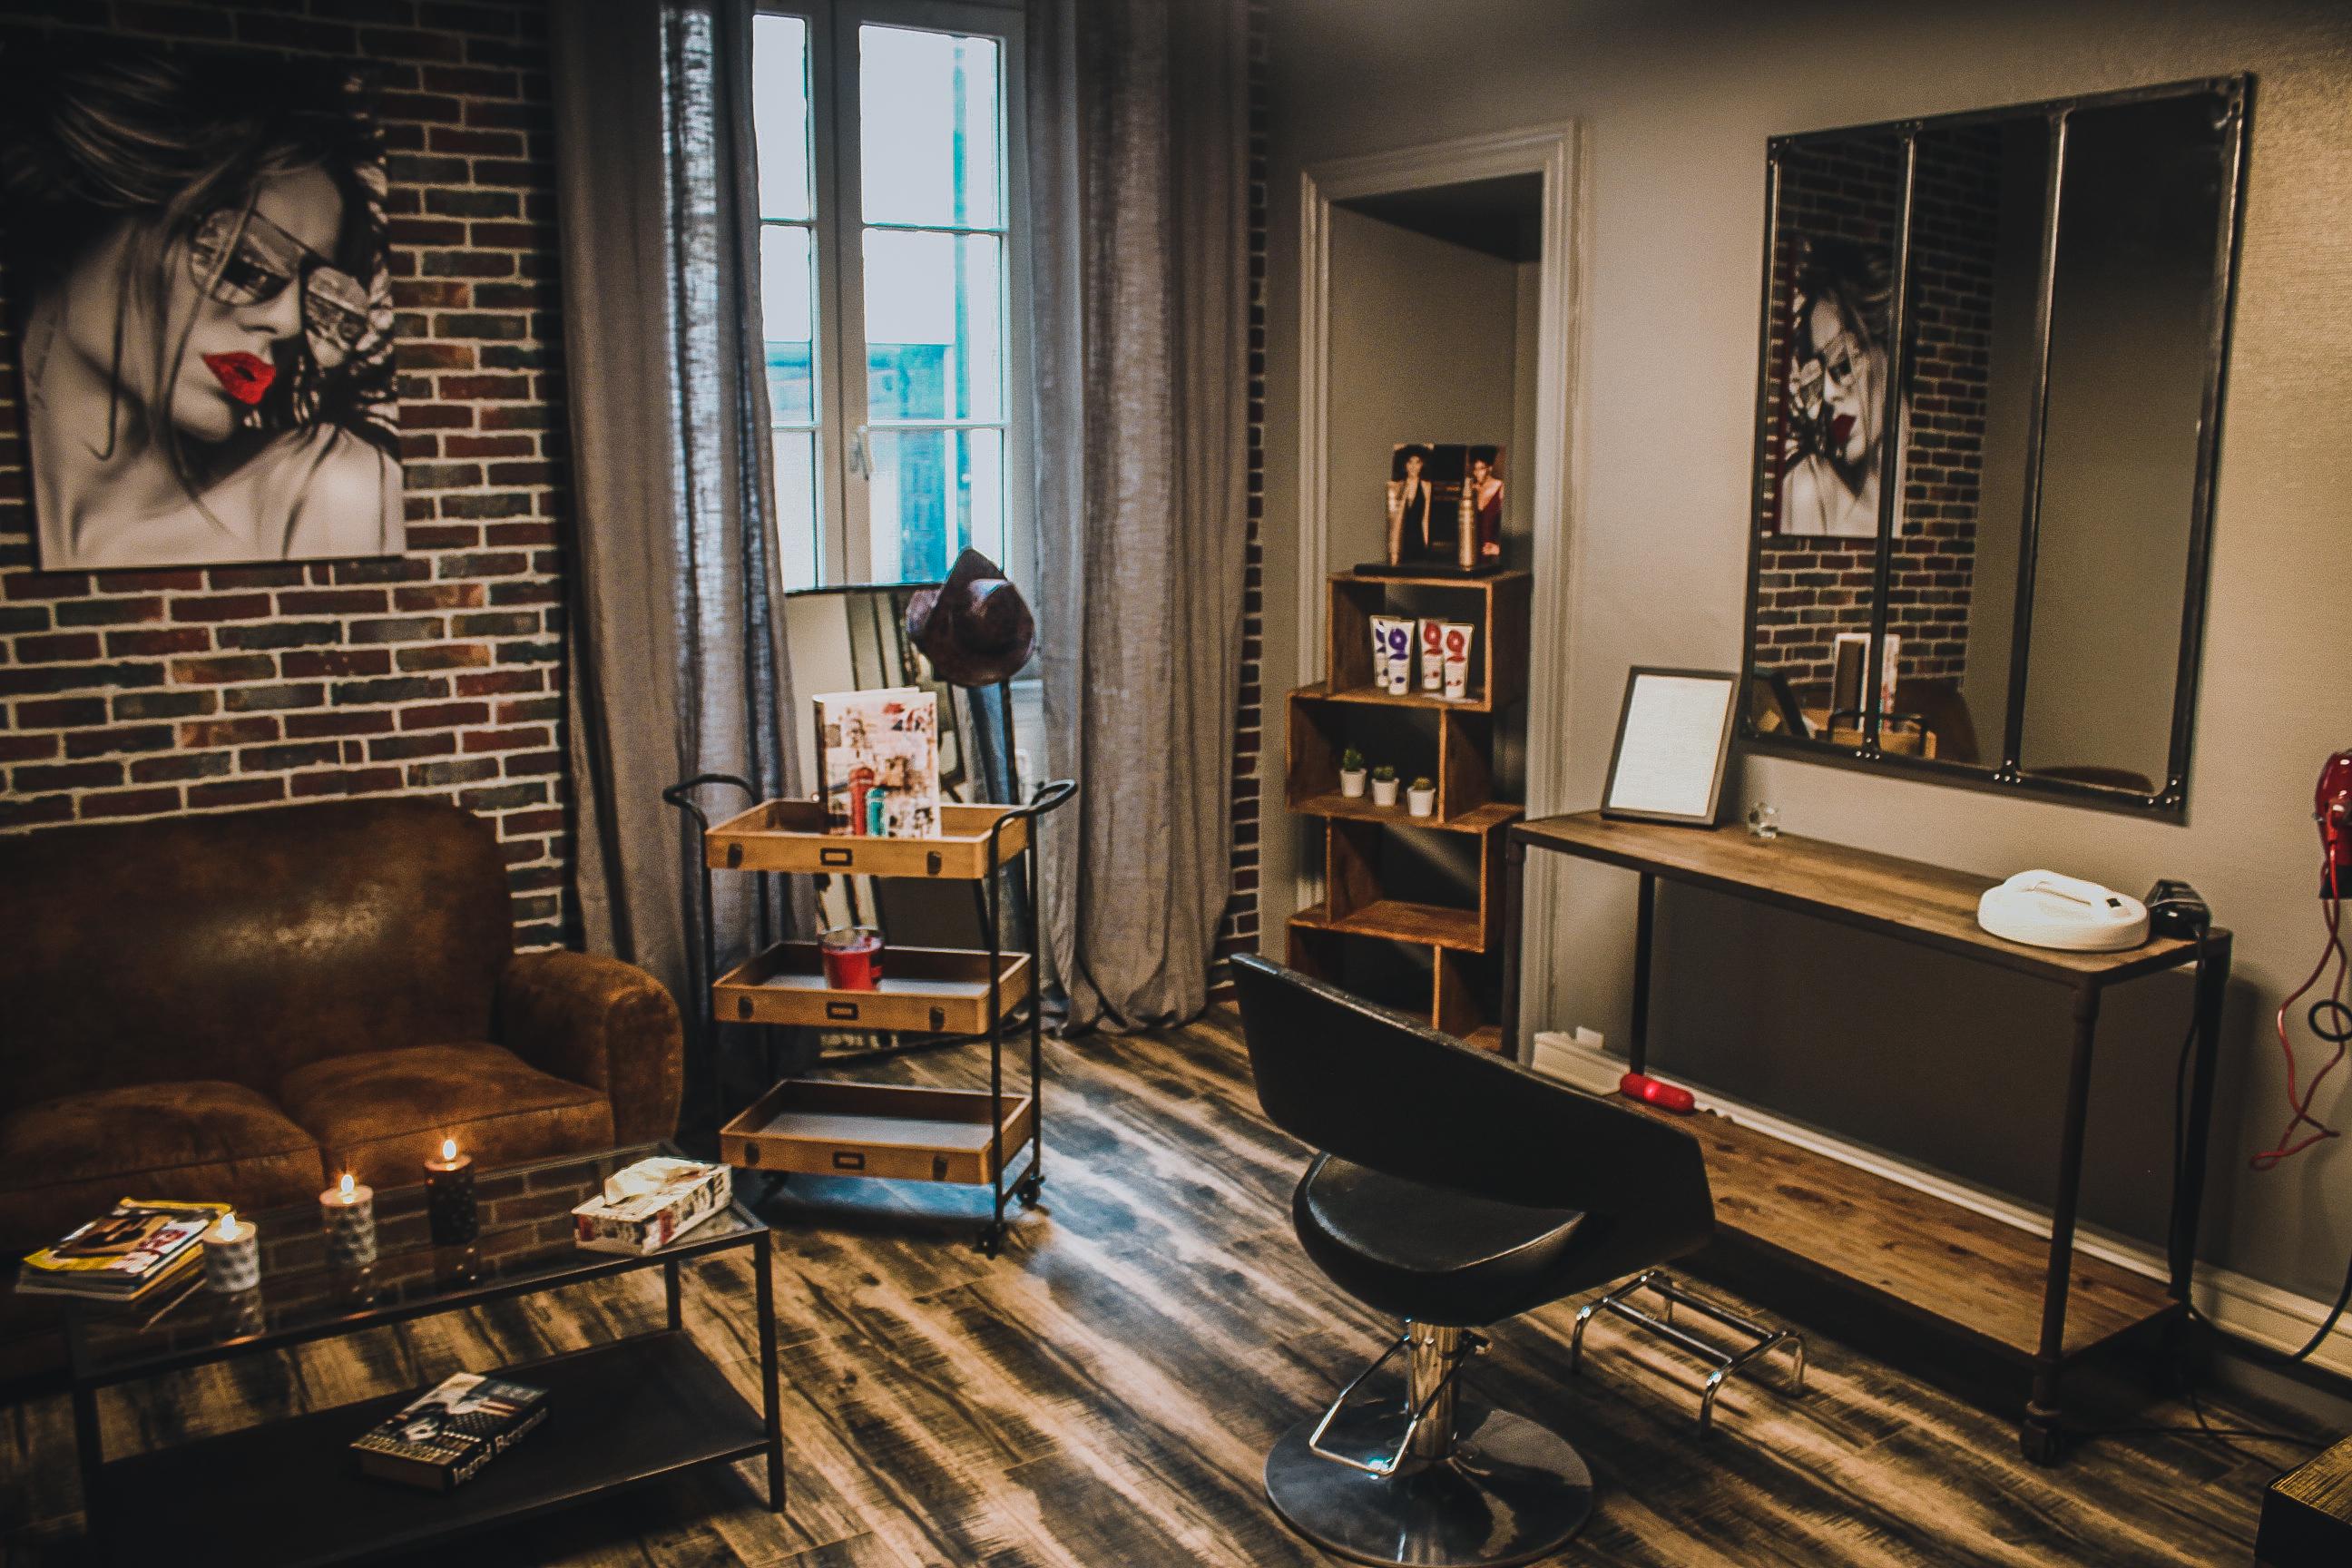 Le miroir salon de coiffure priv nantes for Miroir dans le salon